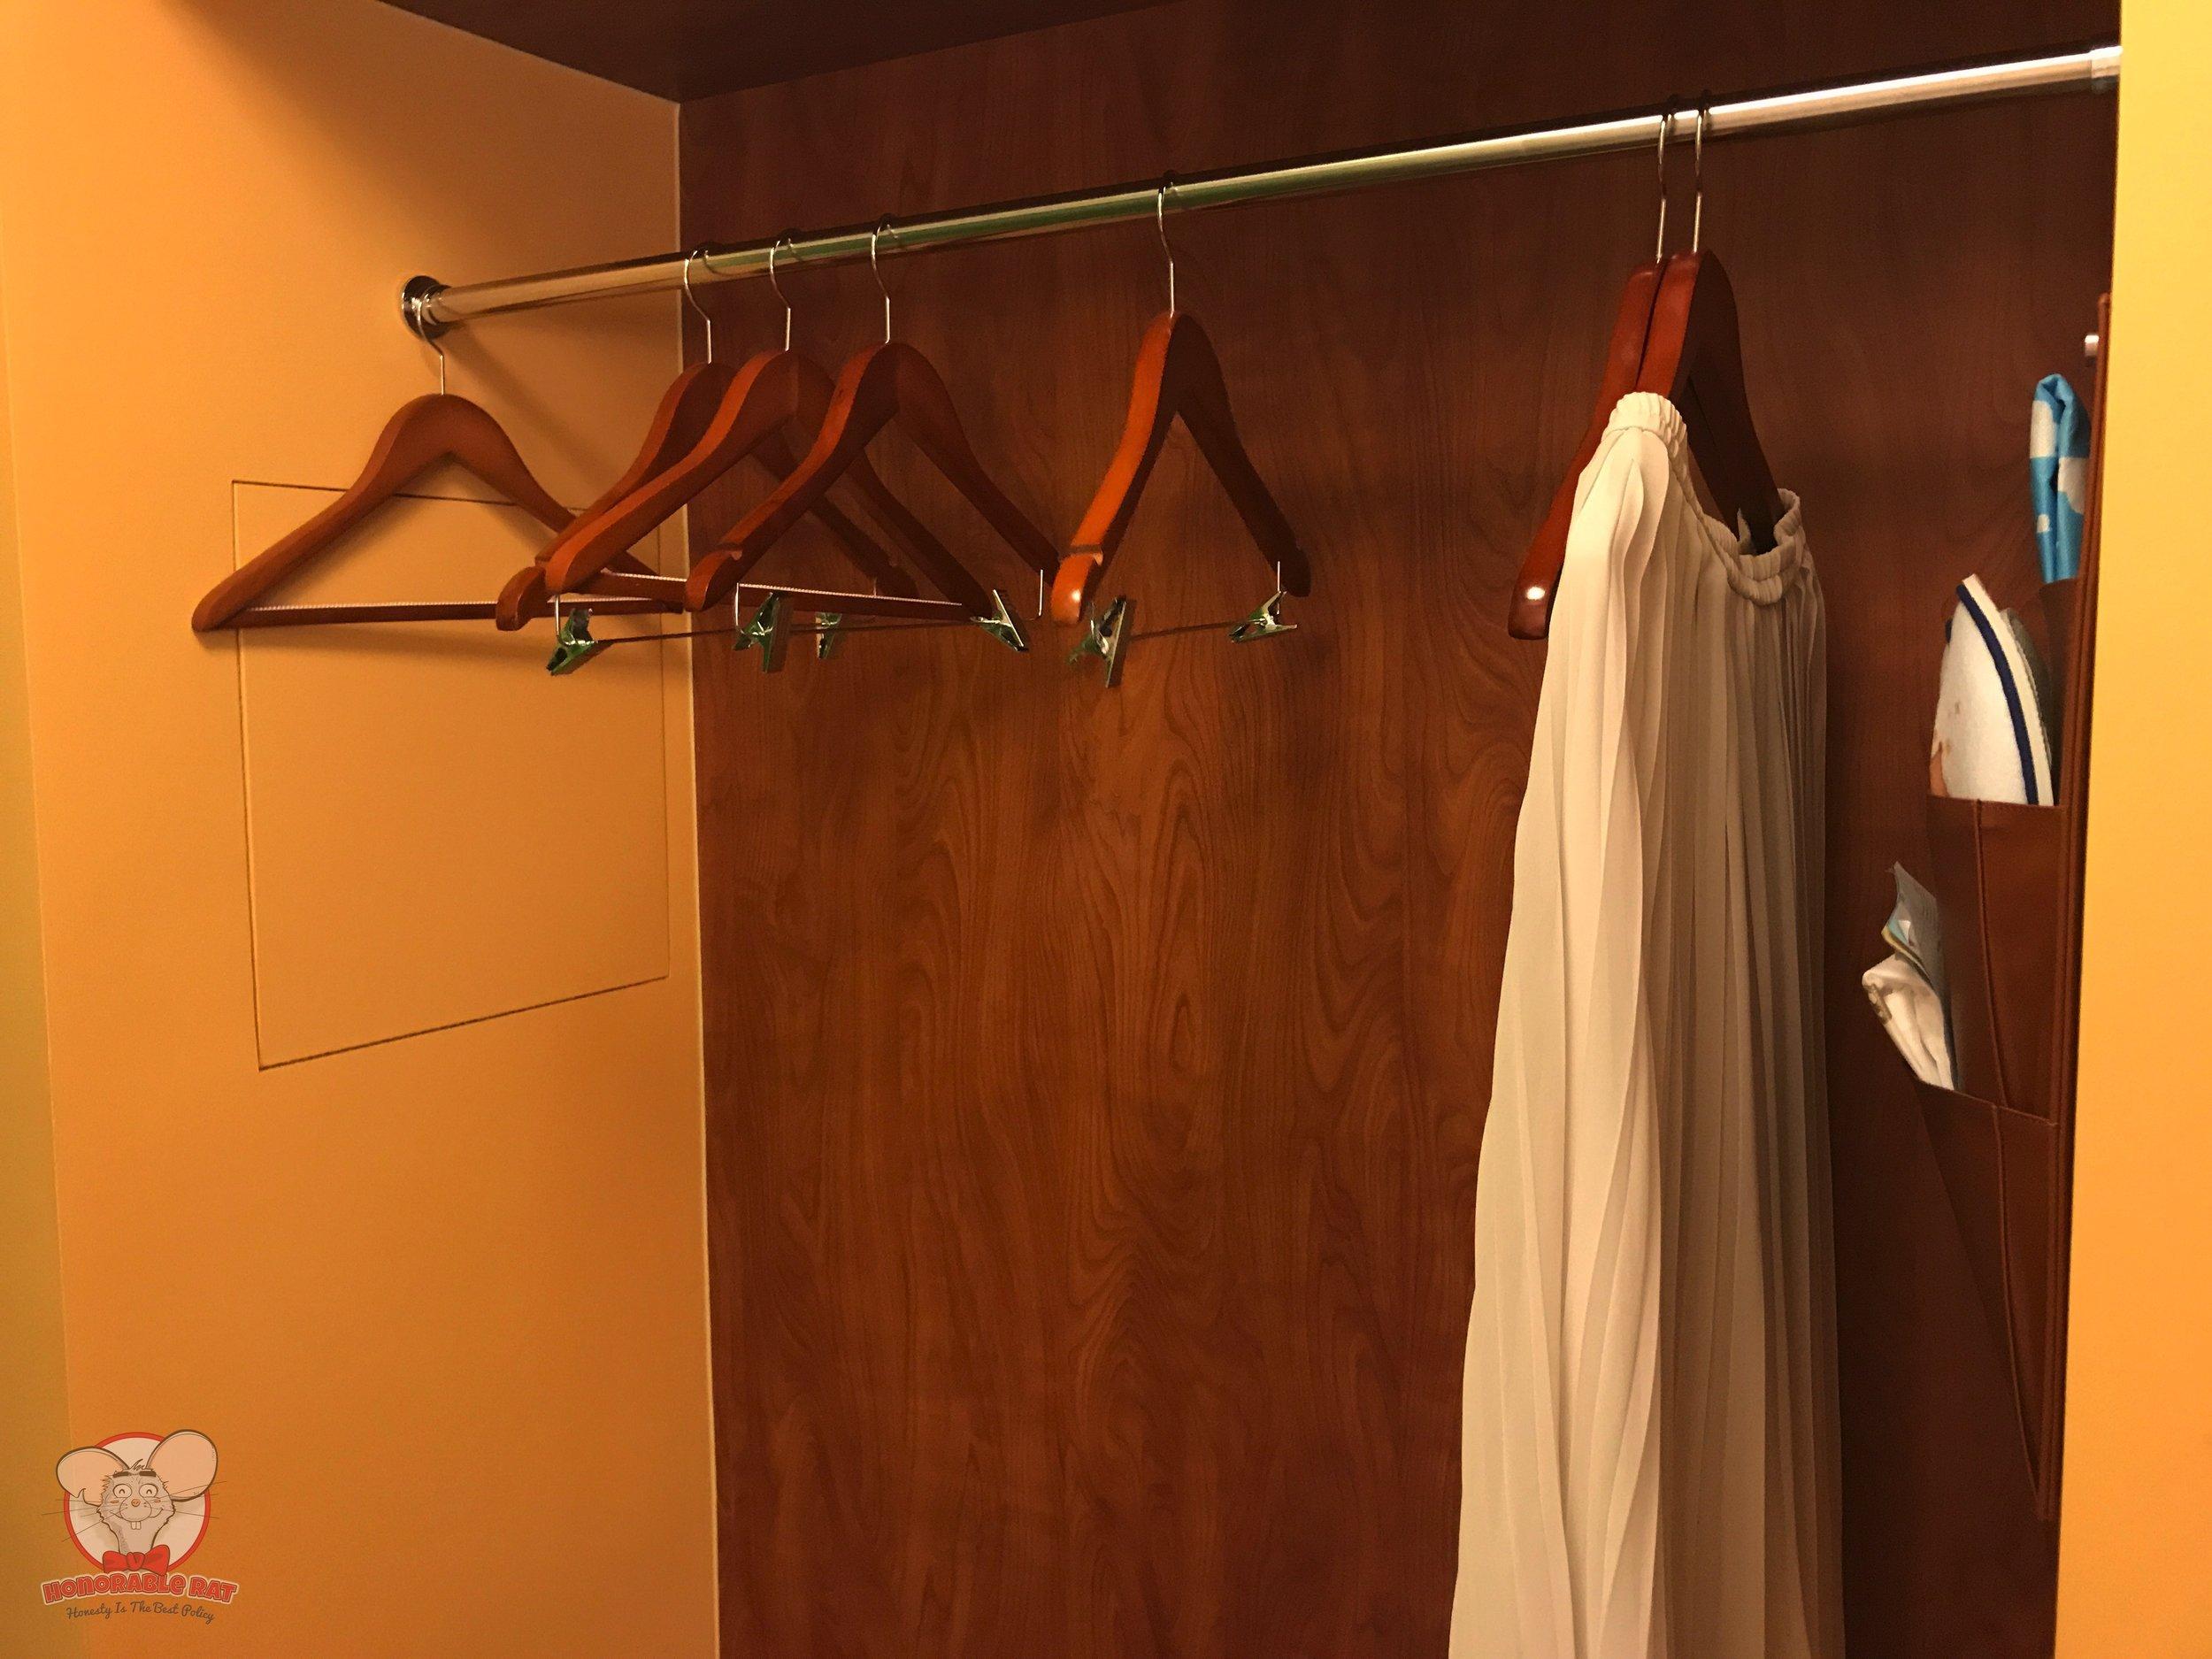 Hangers in the open closet